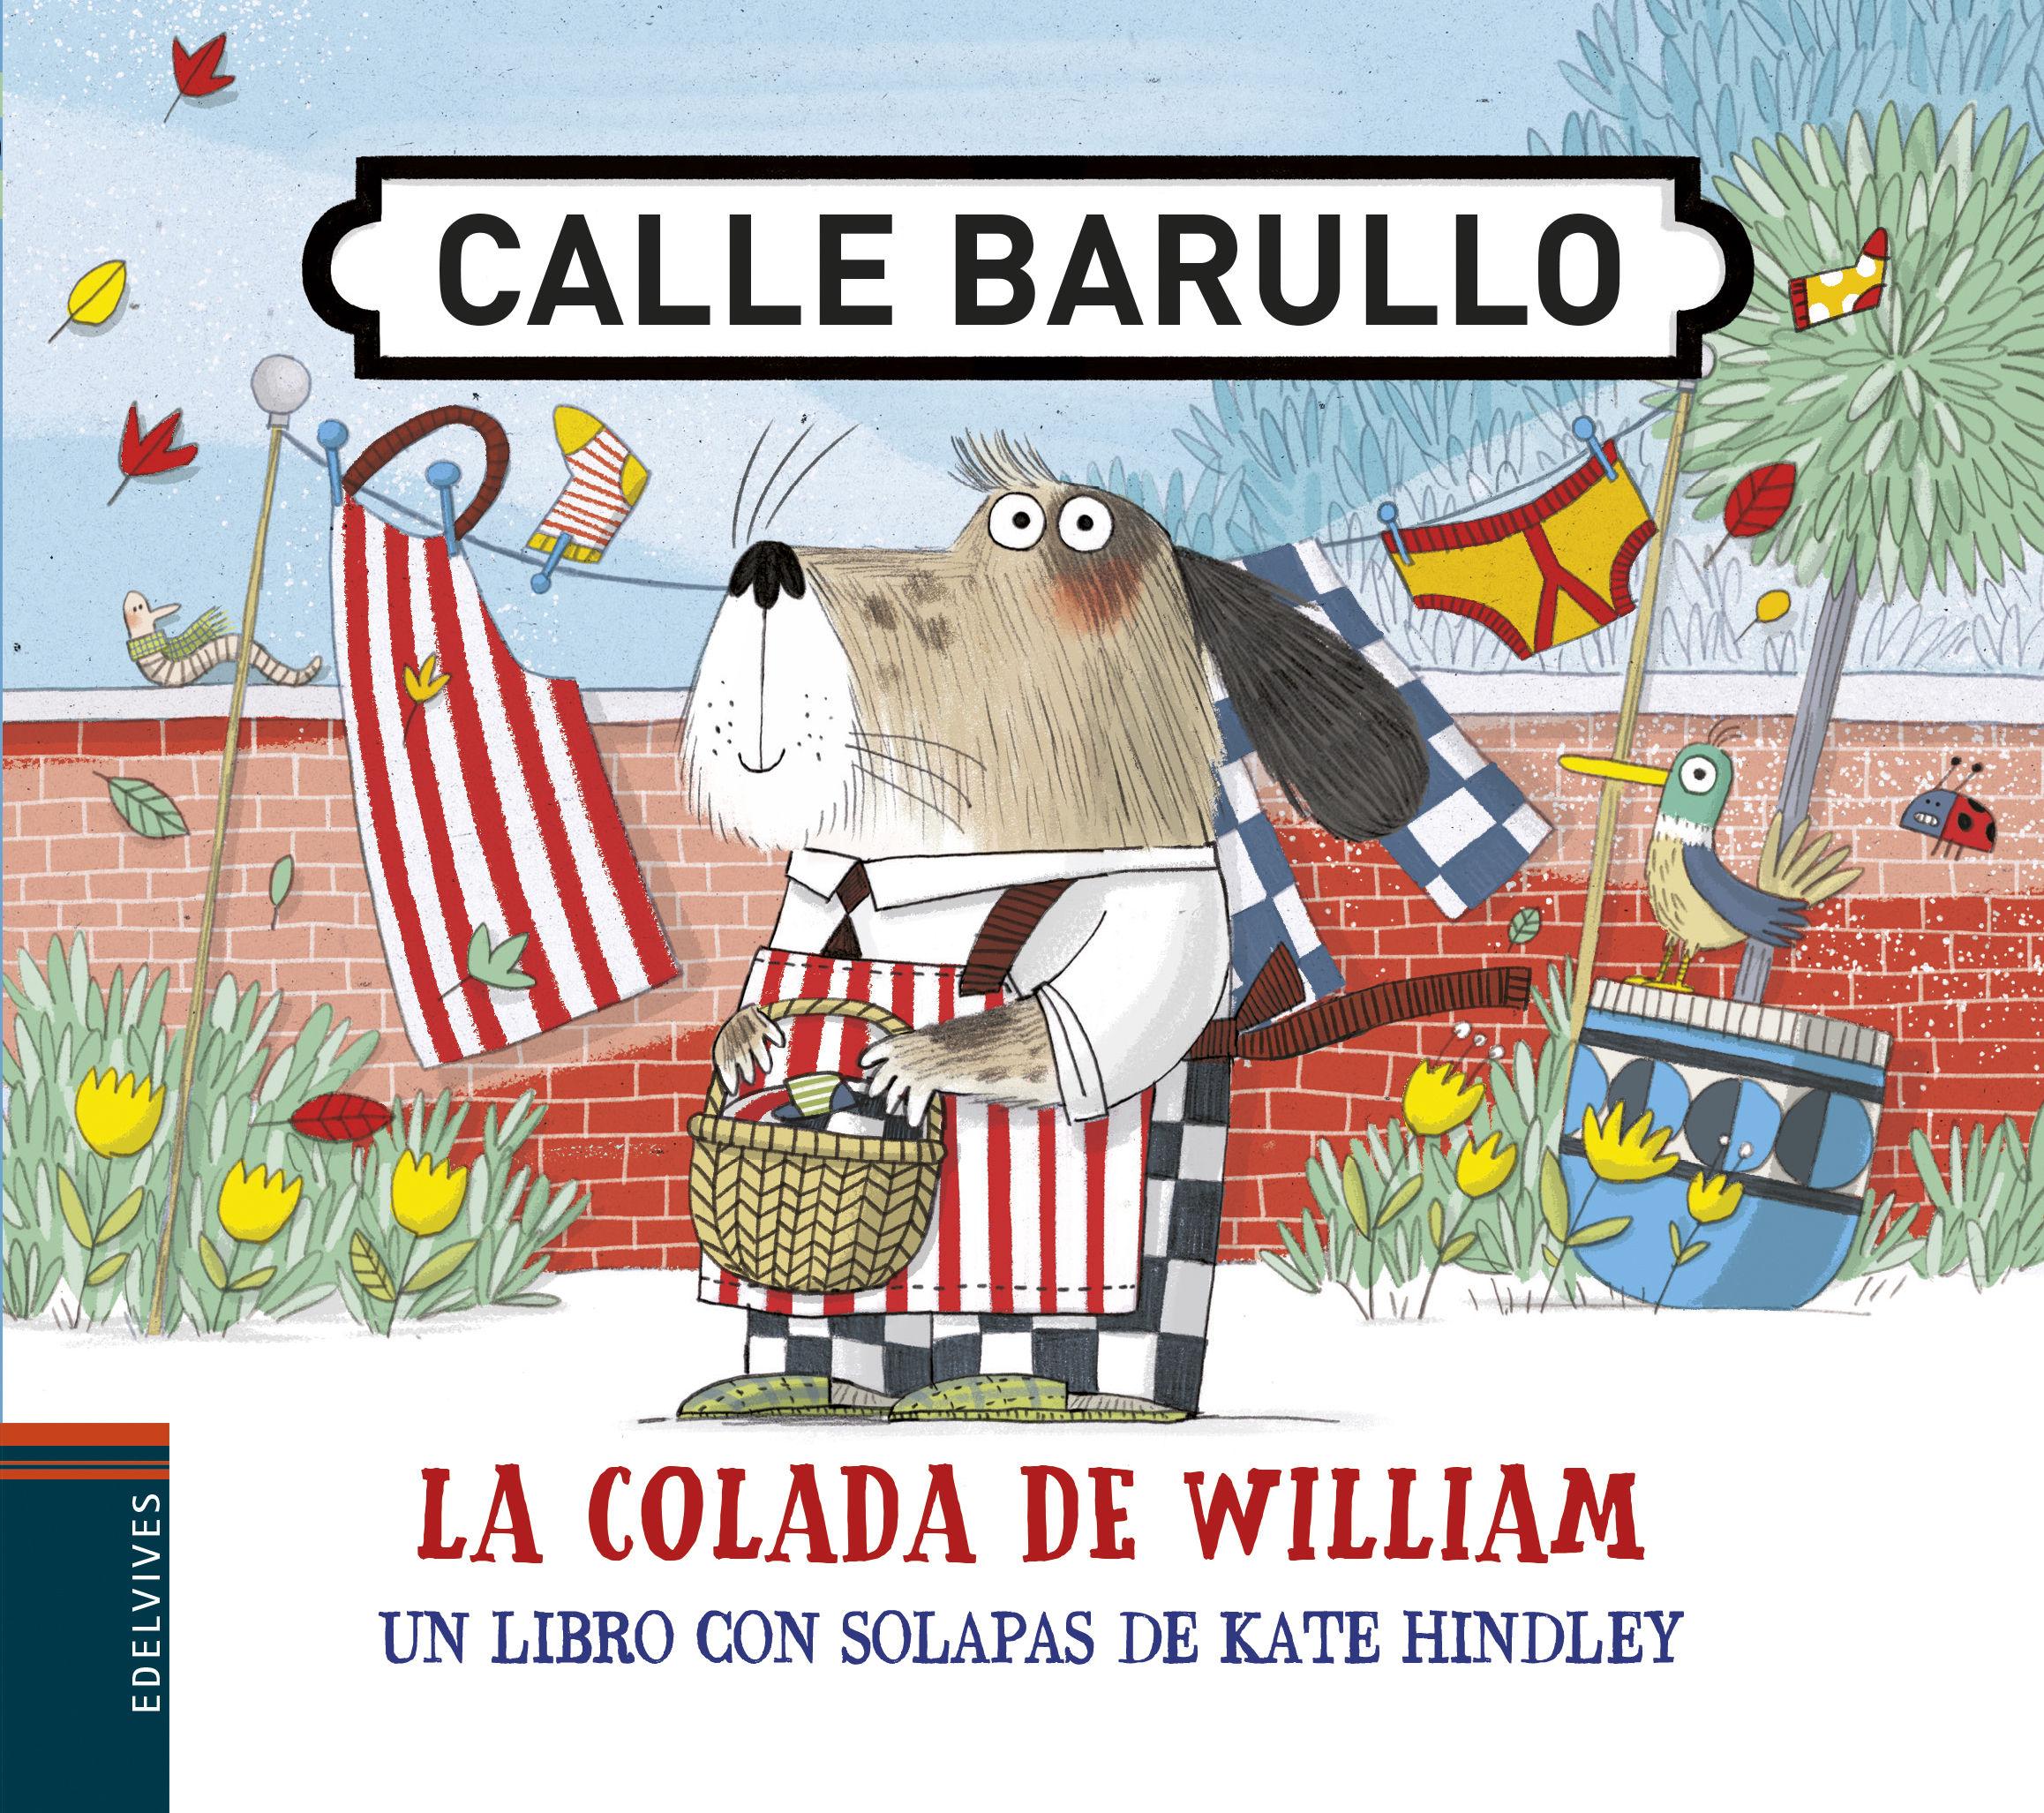 COLADA DE WILLIAM LA